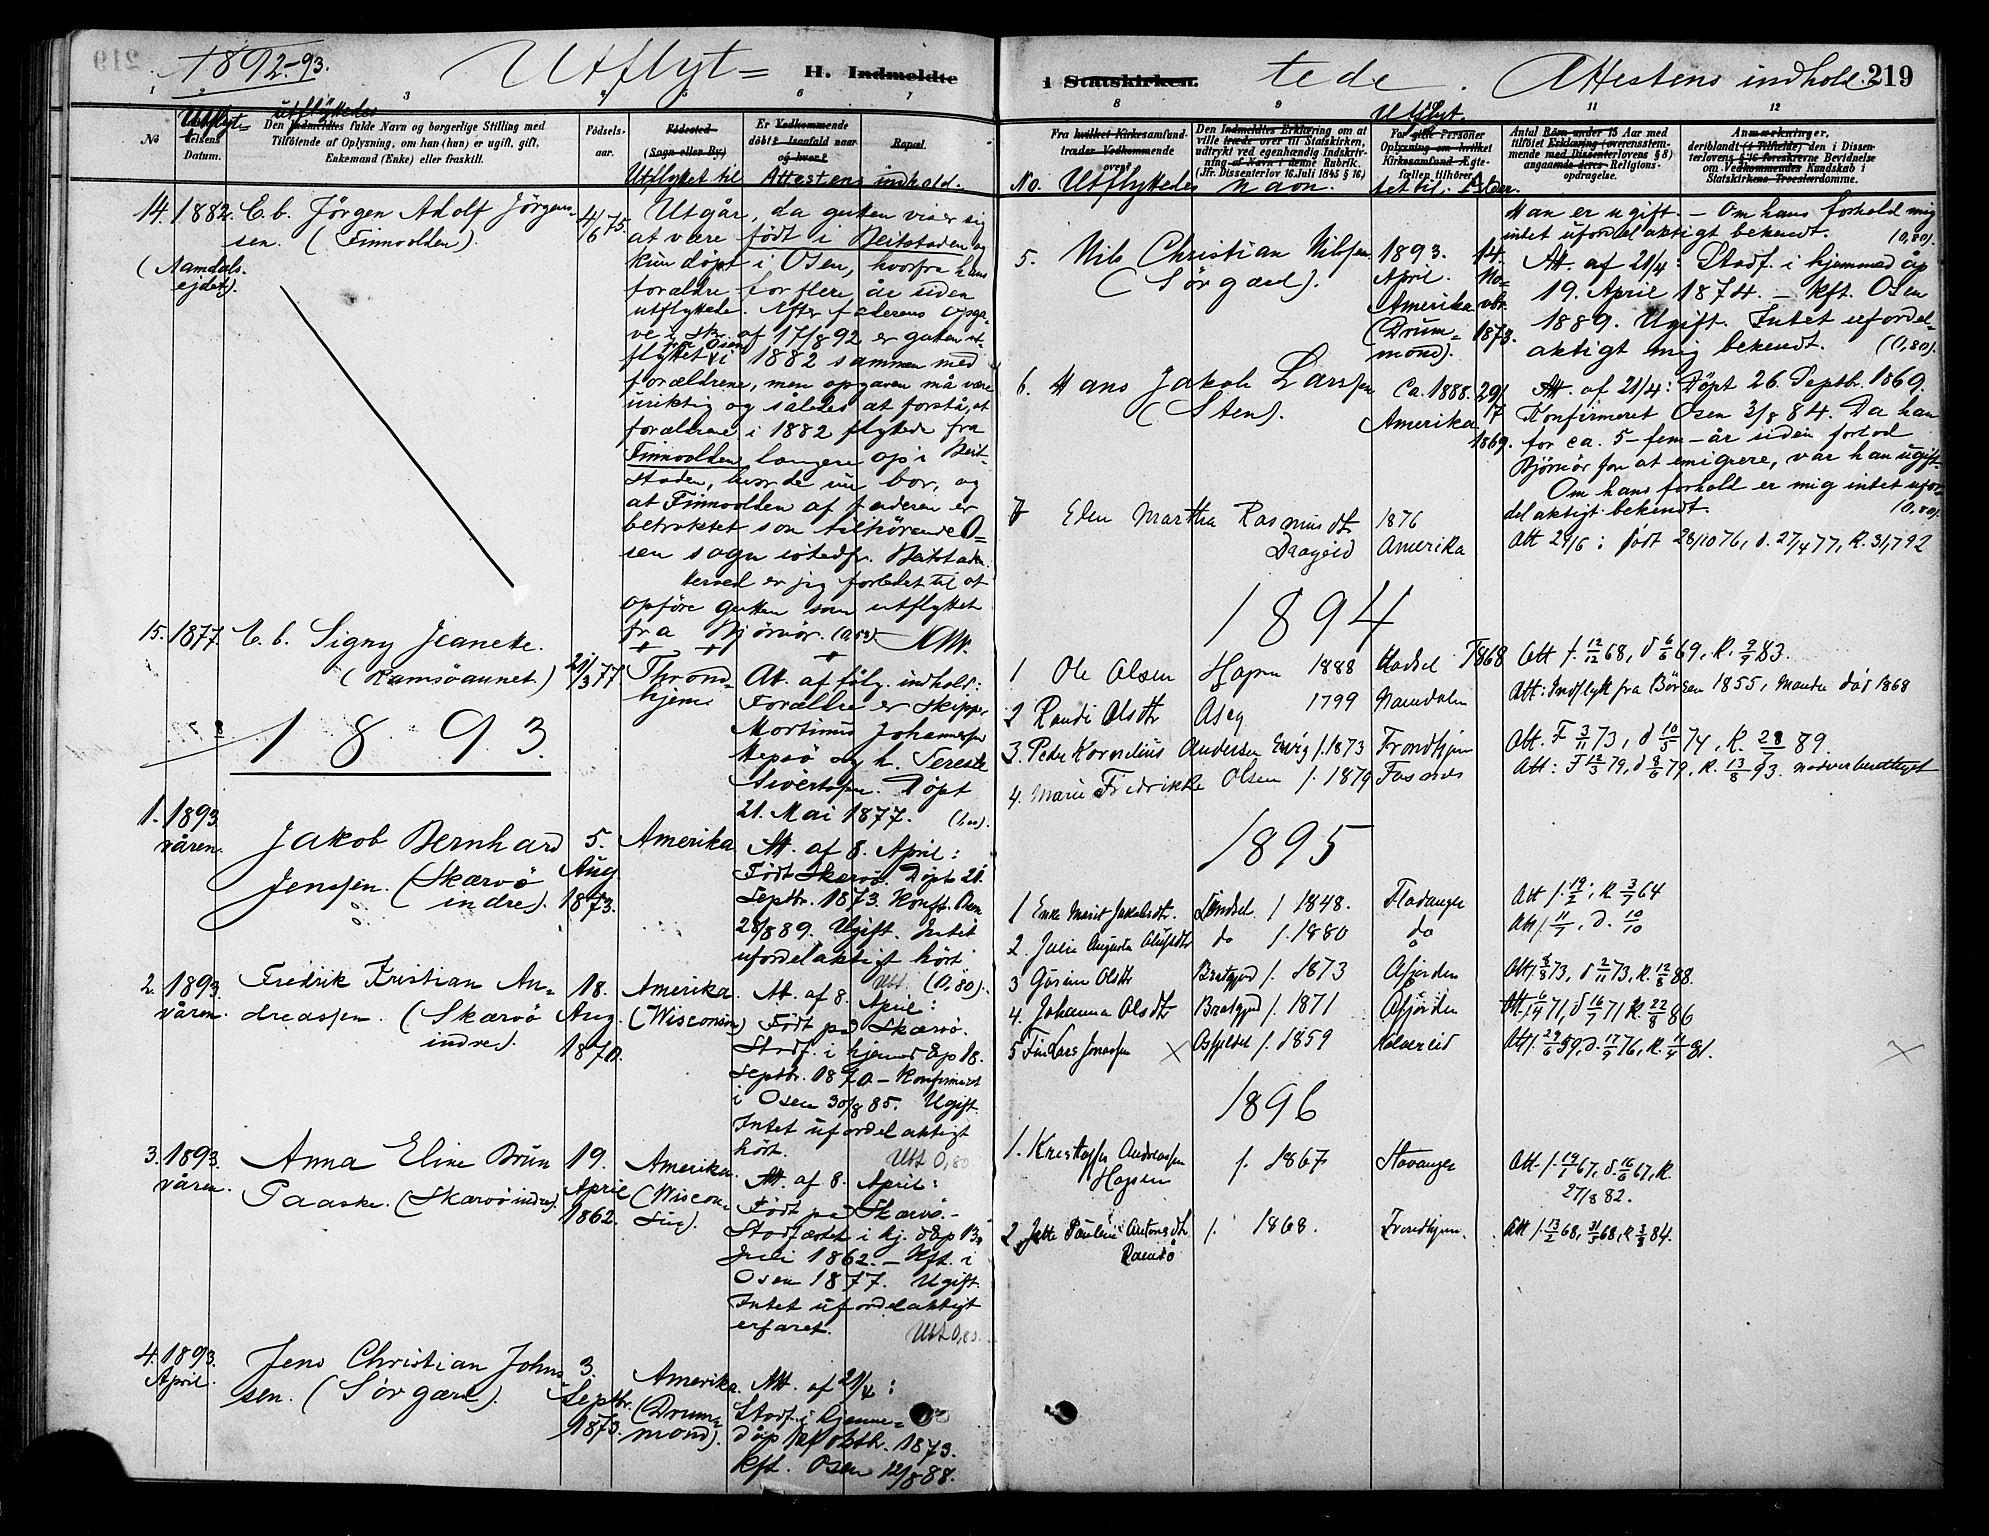 SAT, Ministerialprotokoller, klokkerbøker og fødselsregistre - Sør-Trøndelag, 658/L0722: Ministerialbok nr. 658A01, 1879-1896, s. 219